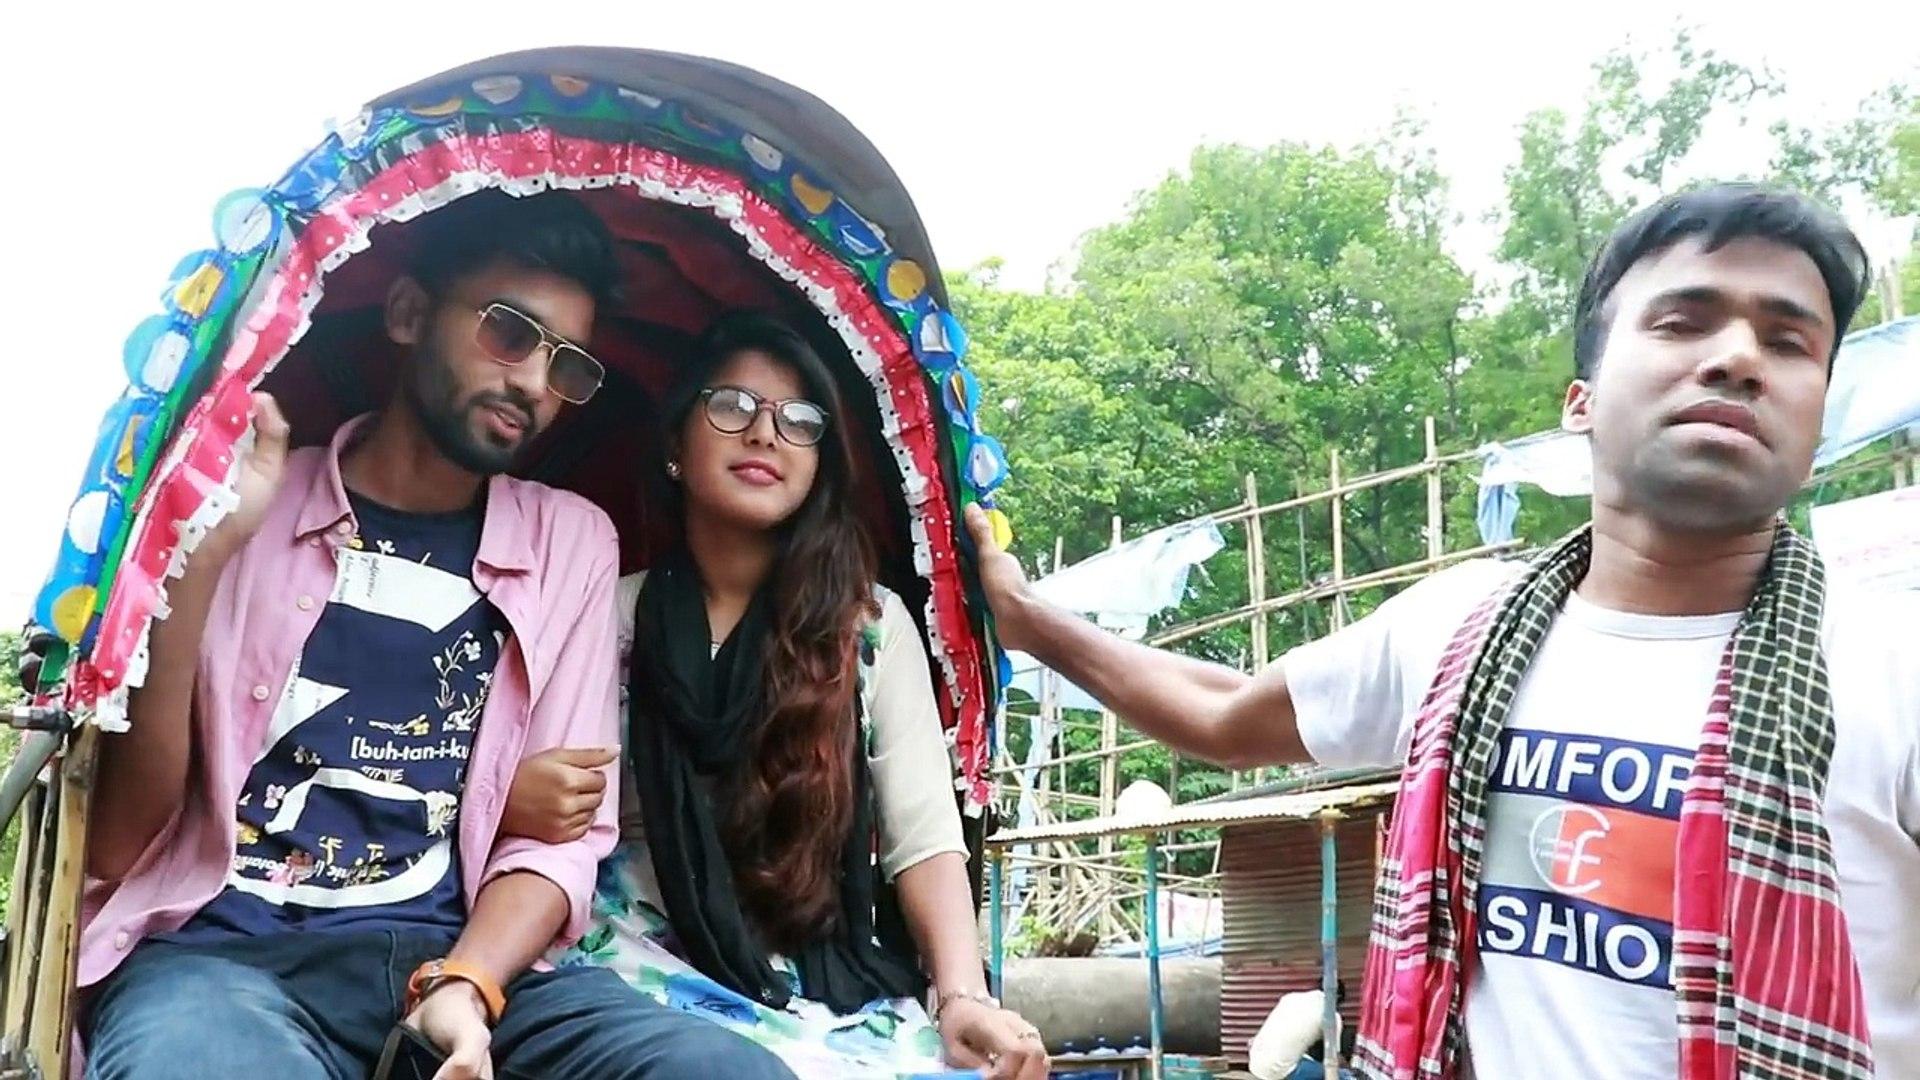 রিকশায় স্লোমোশন চলছে   SLOWMOTION   BANGLA NEW FUNNY VIDEO 2018   DULAL  OJHA   RAJ   DULAL TV  